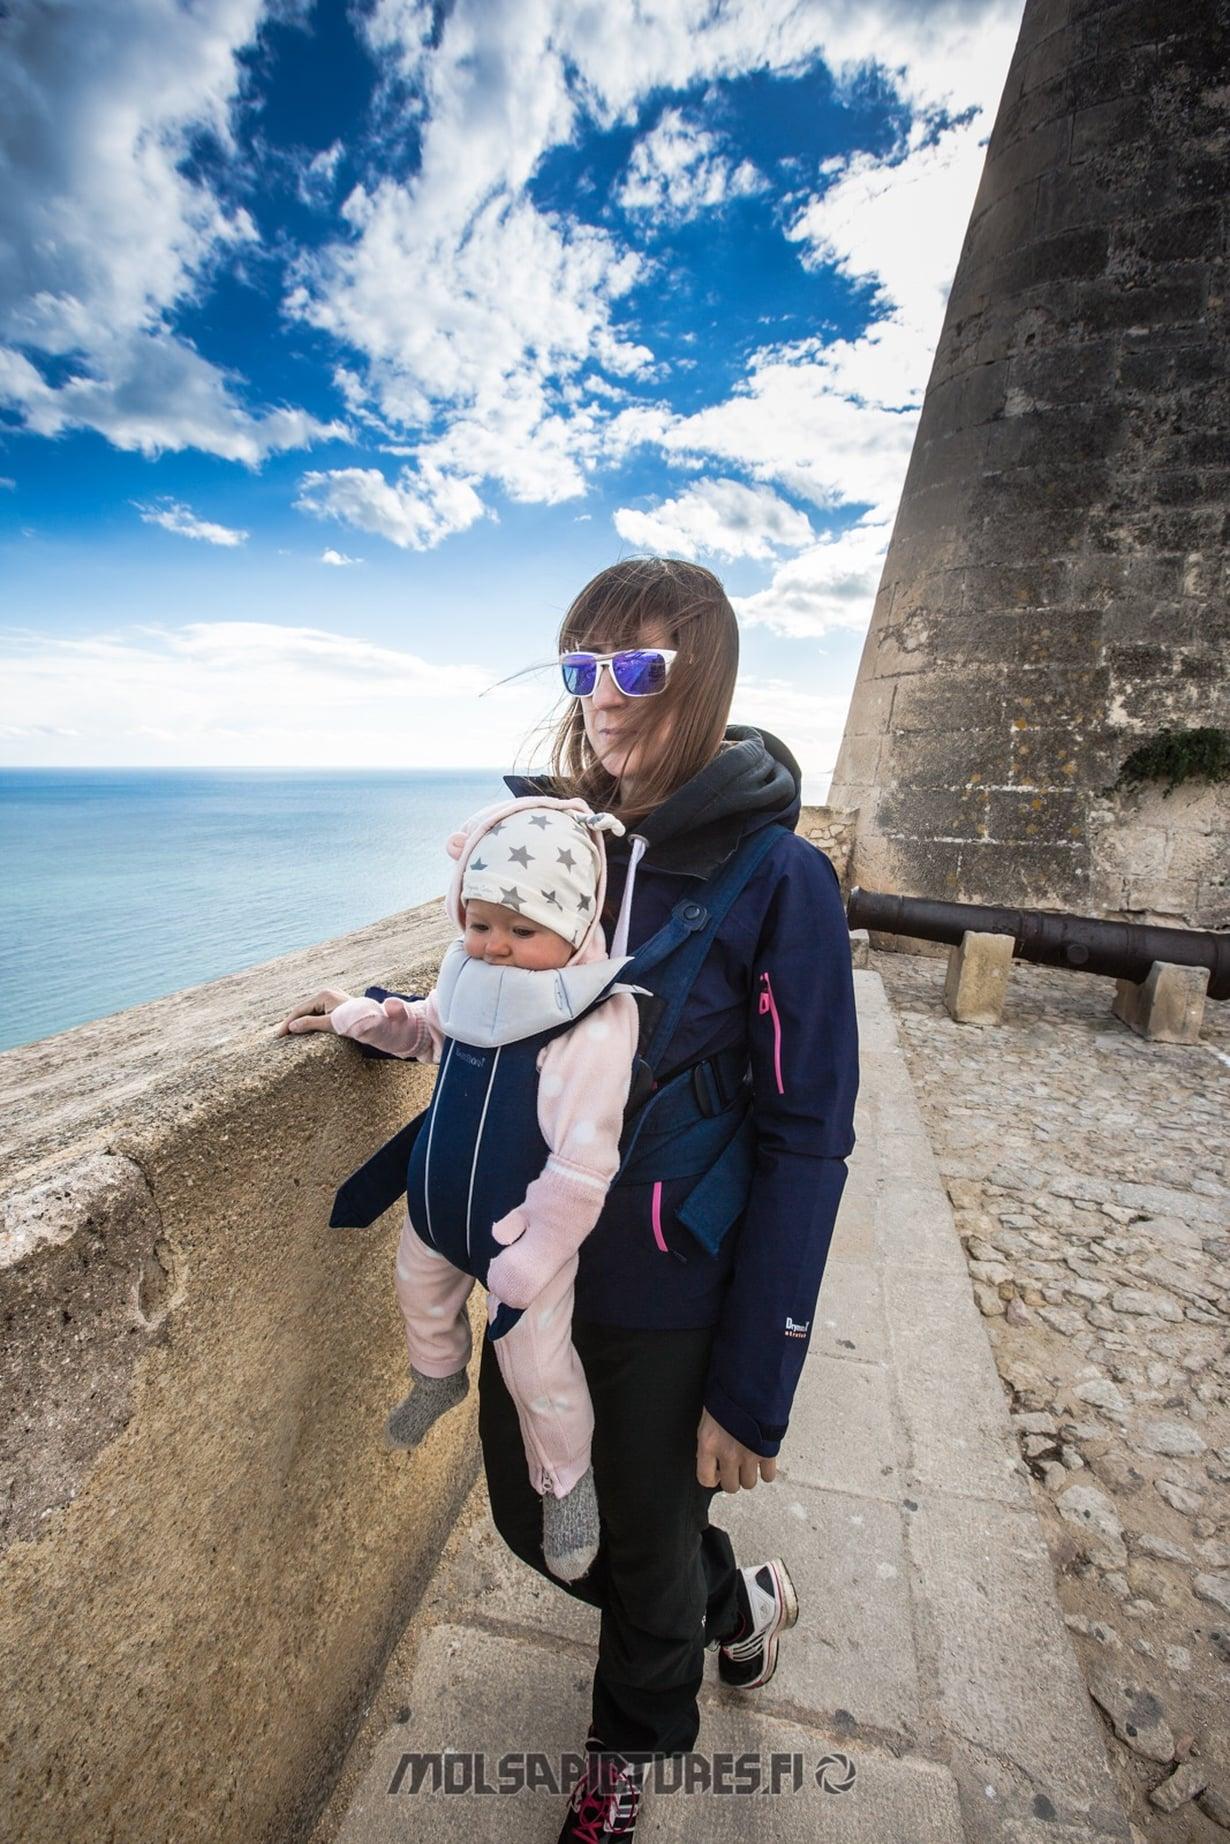 Alicante,  castillo de Santa Barbara, Mirvan Menomatkat, Mölsä Pictures, baby Björn, viewpoint, travelling with a baby